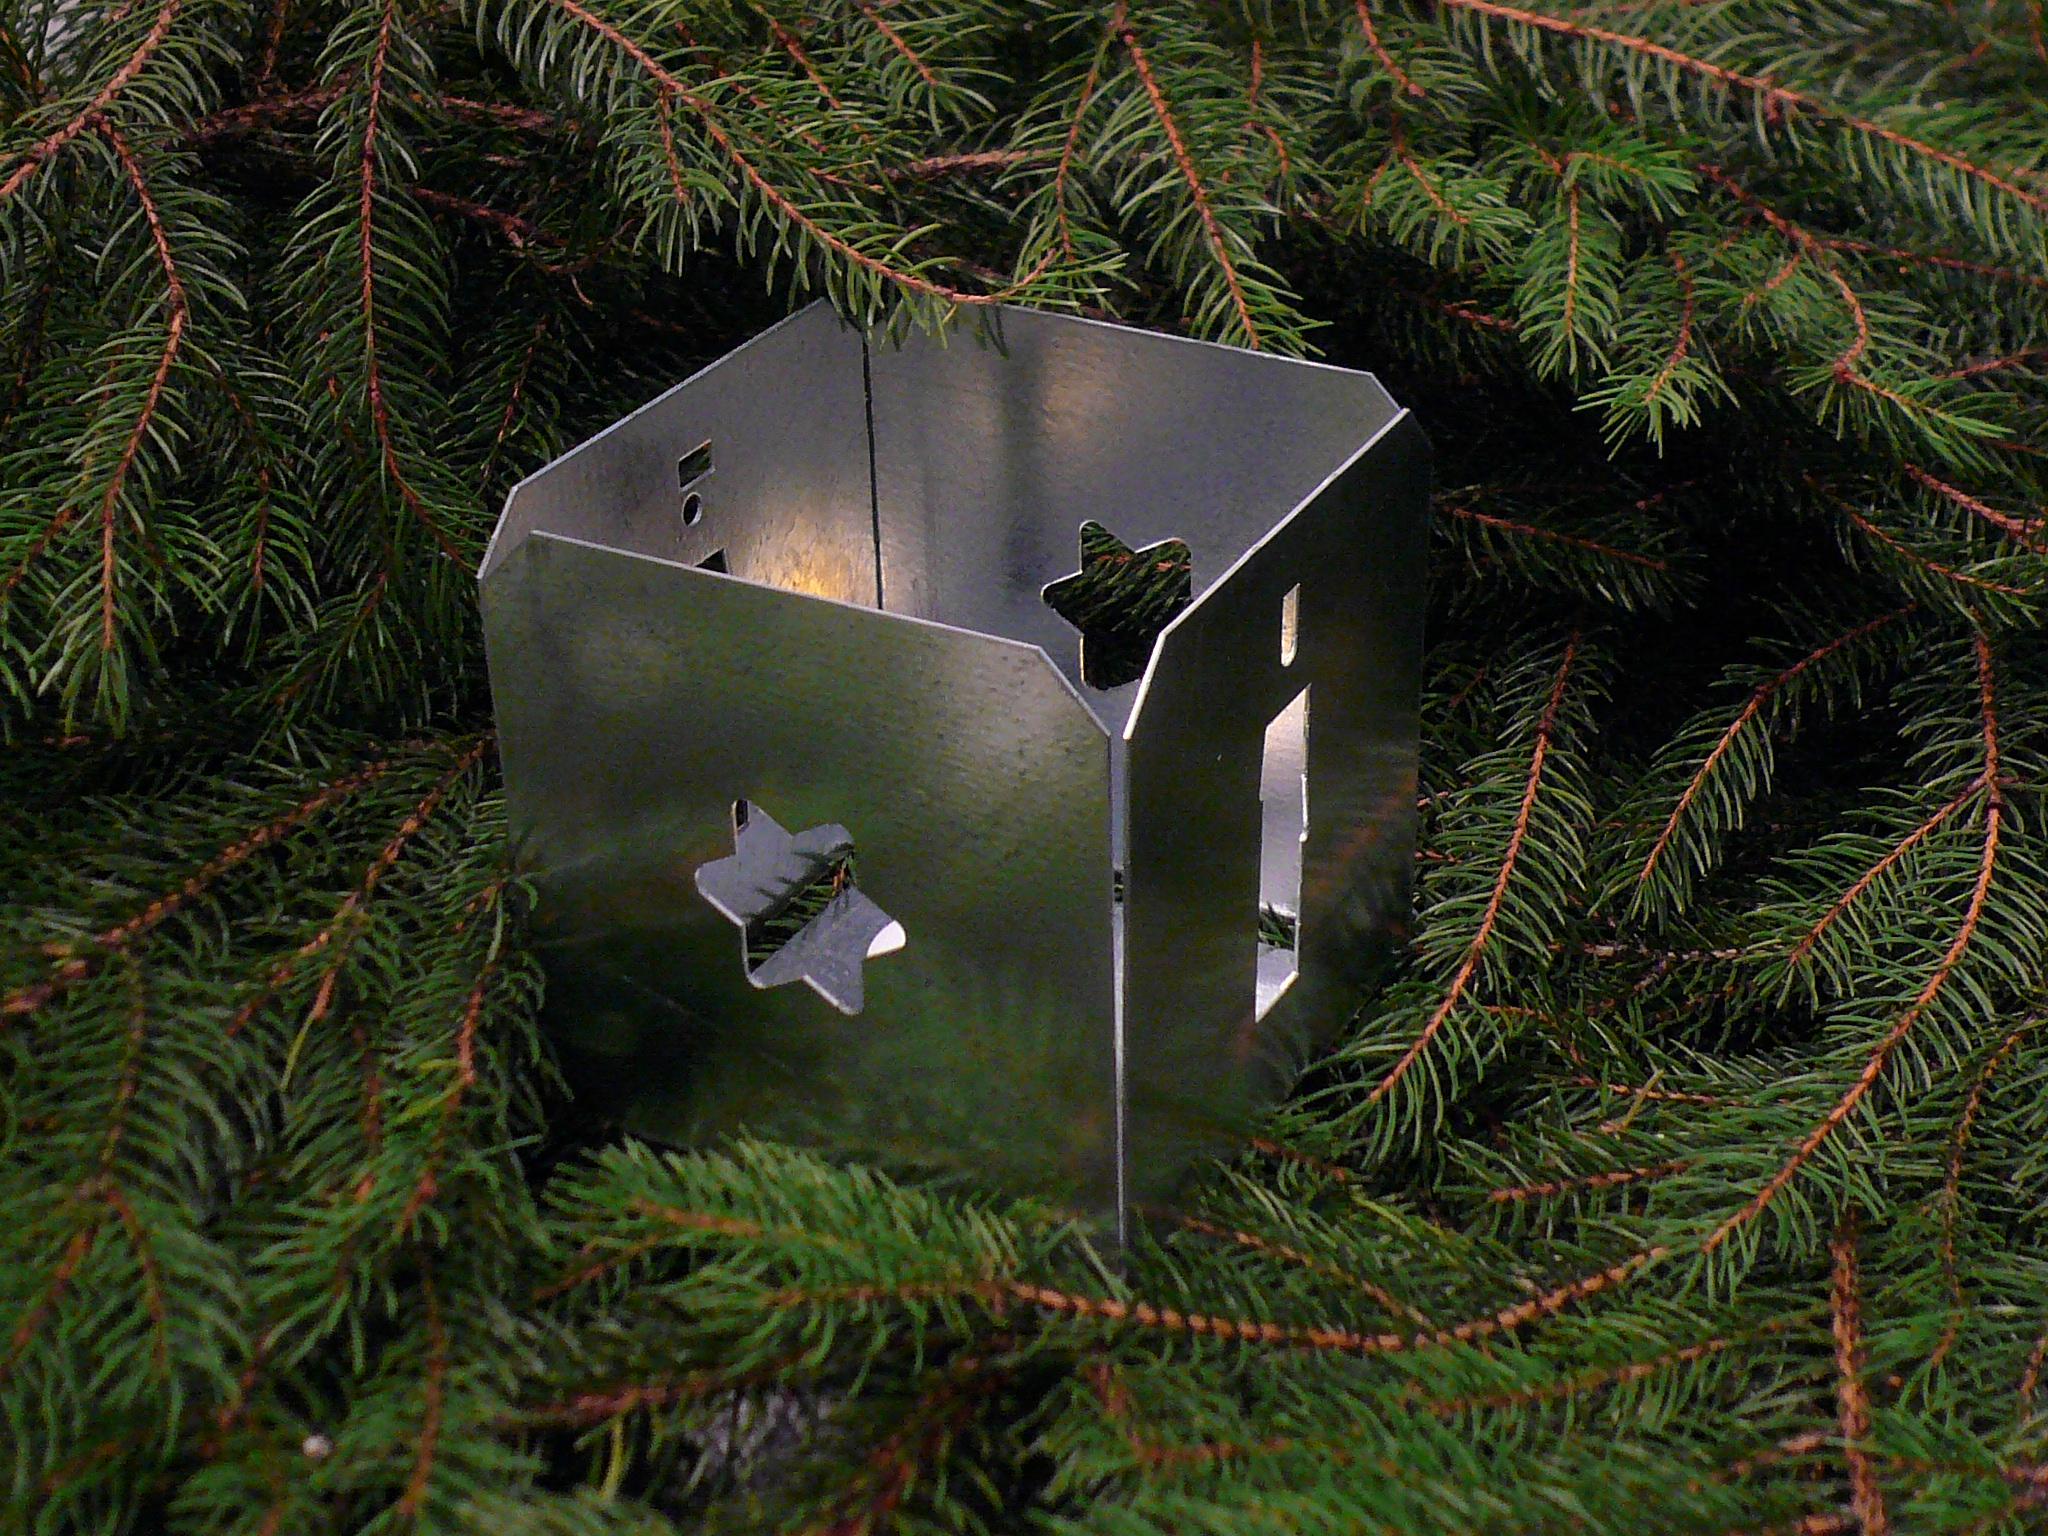 Windlicht weihnachten kerze deko motive tanne schnee for Windlicht gross